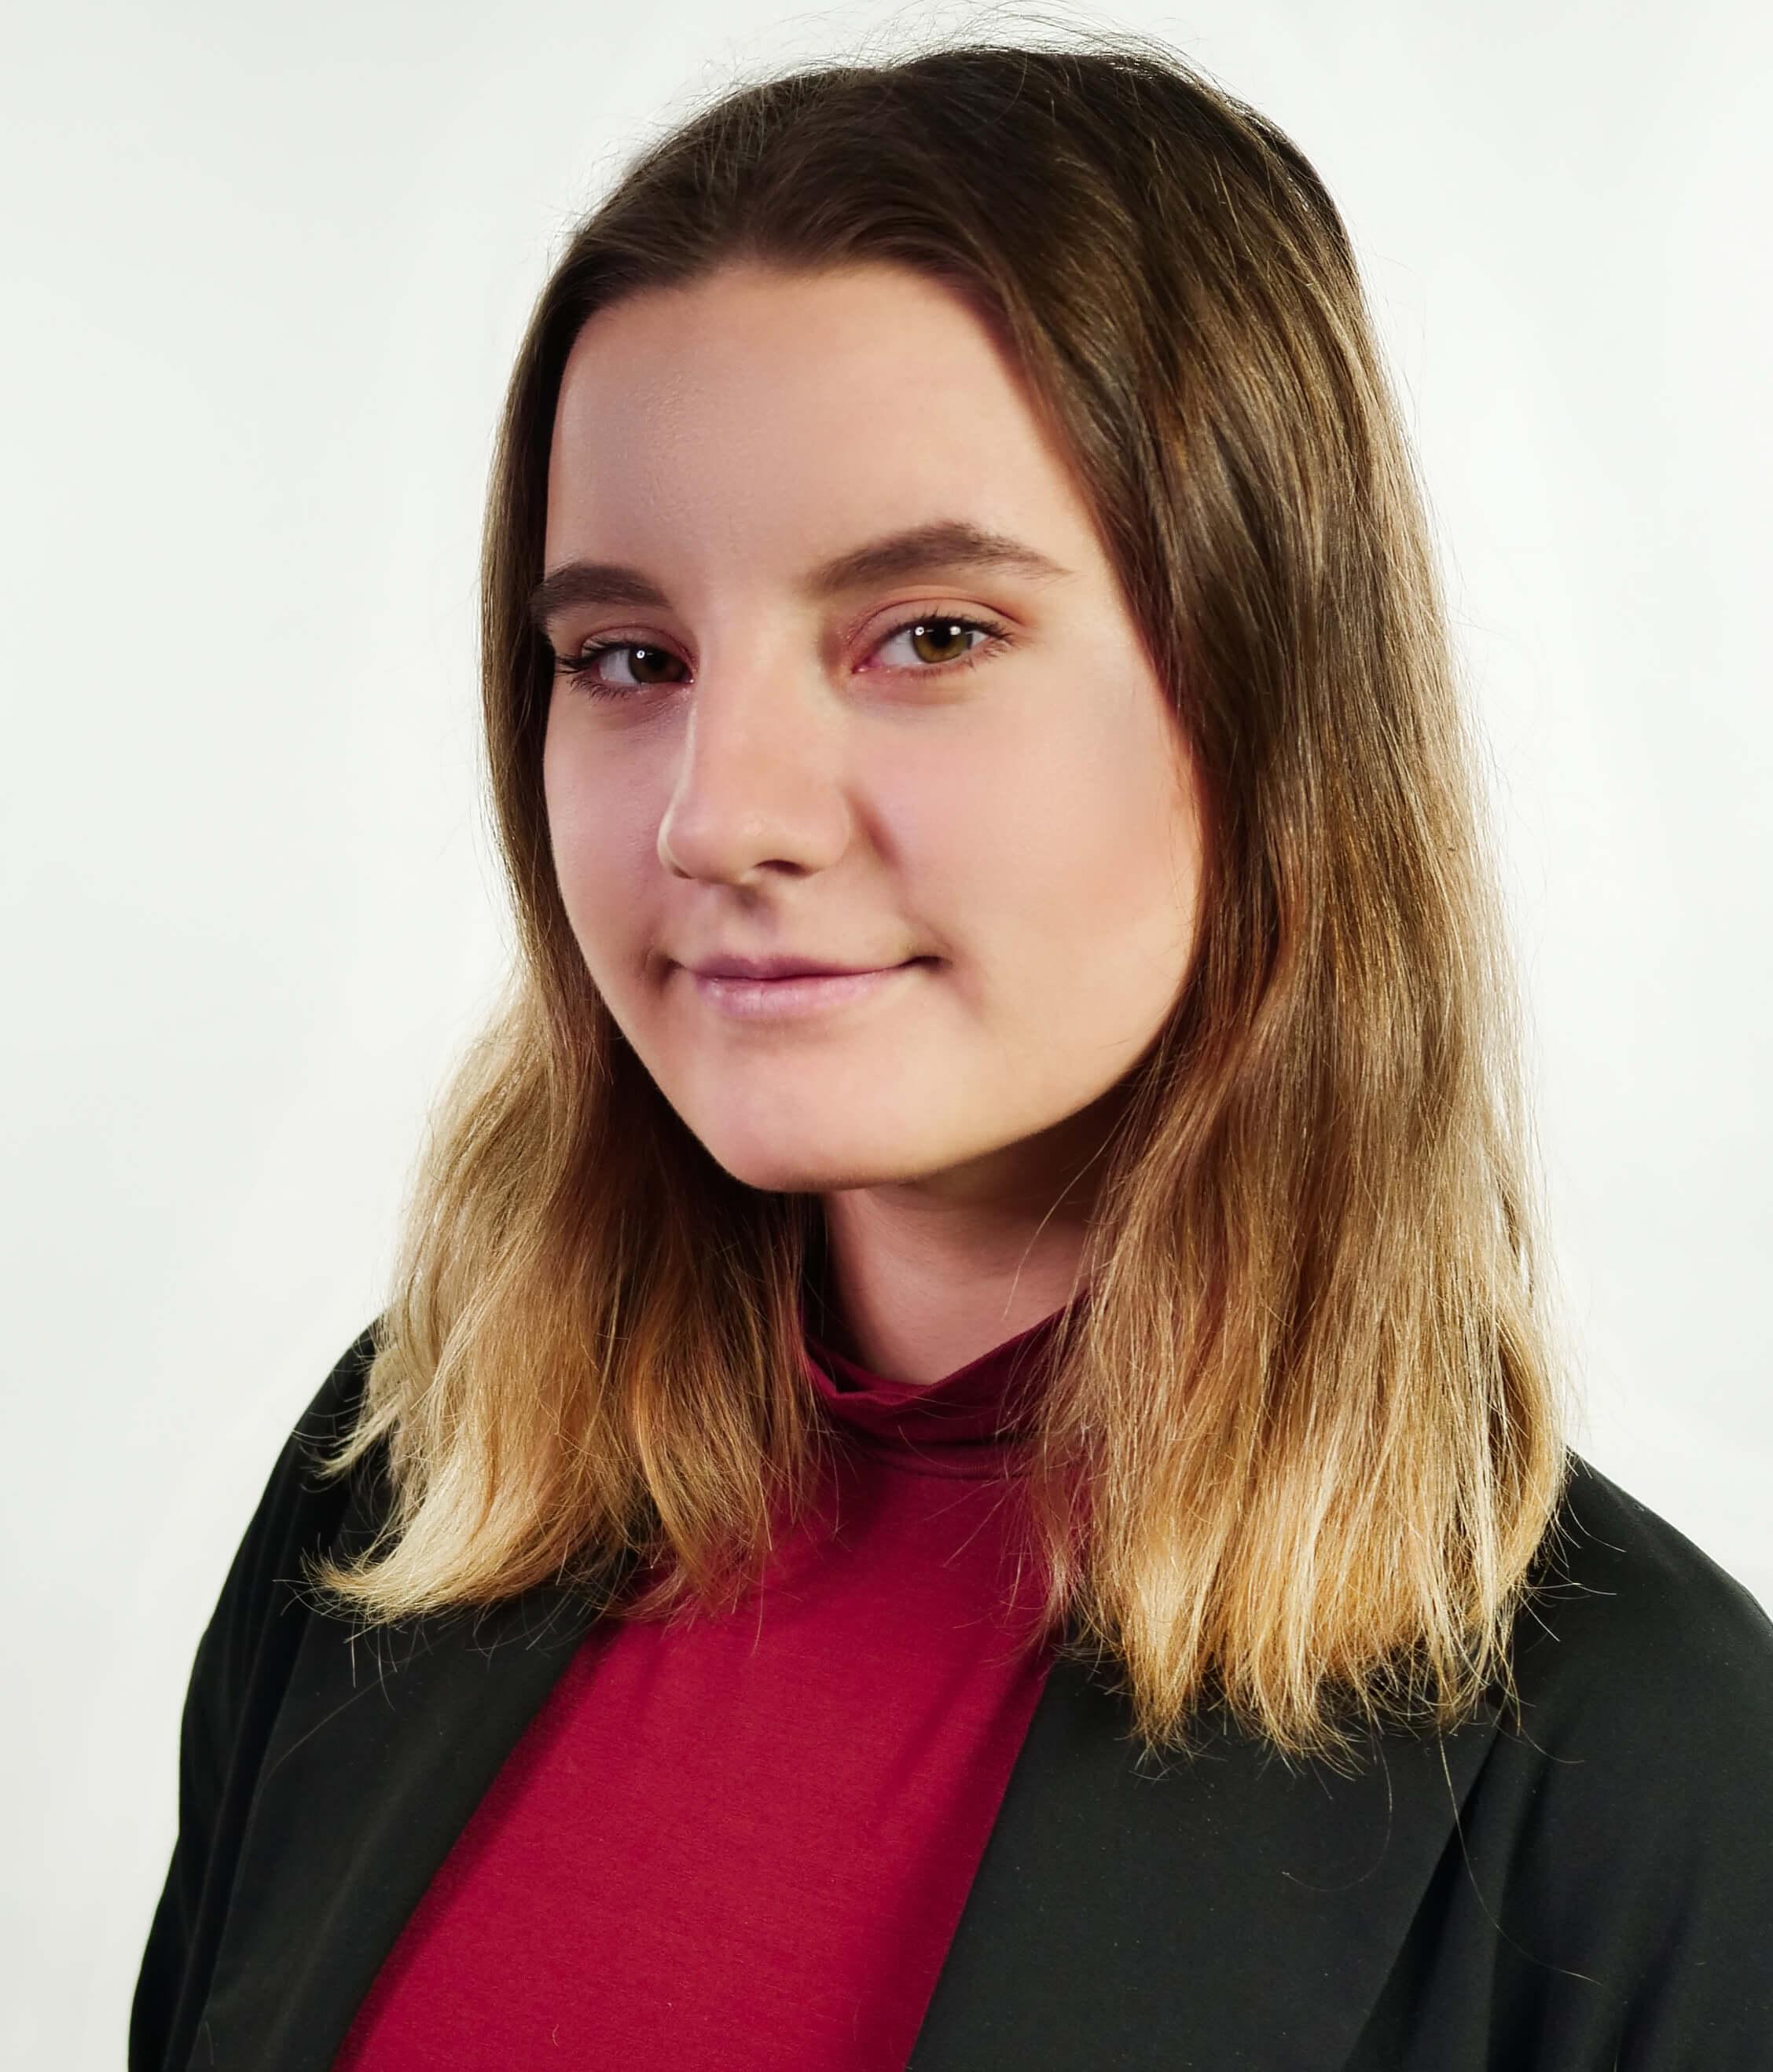 Ania Radke